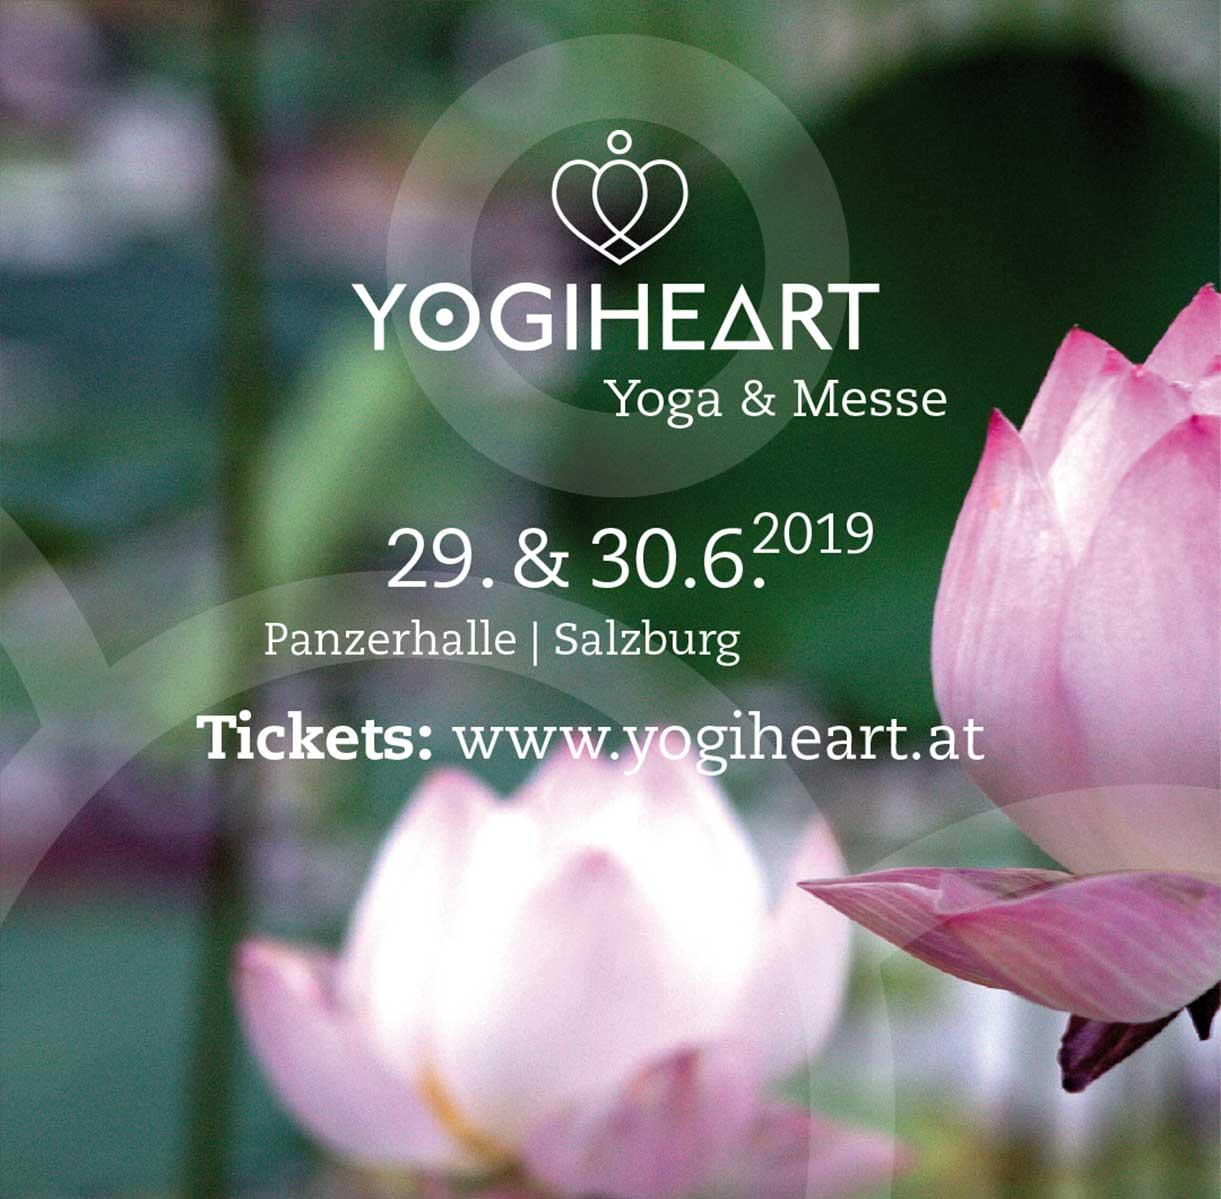 ayurveda at home ist bei der Yogiheart Messe in Salzburg dabei!